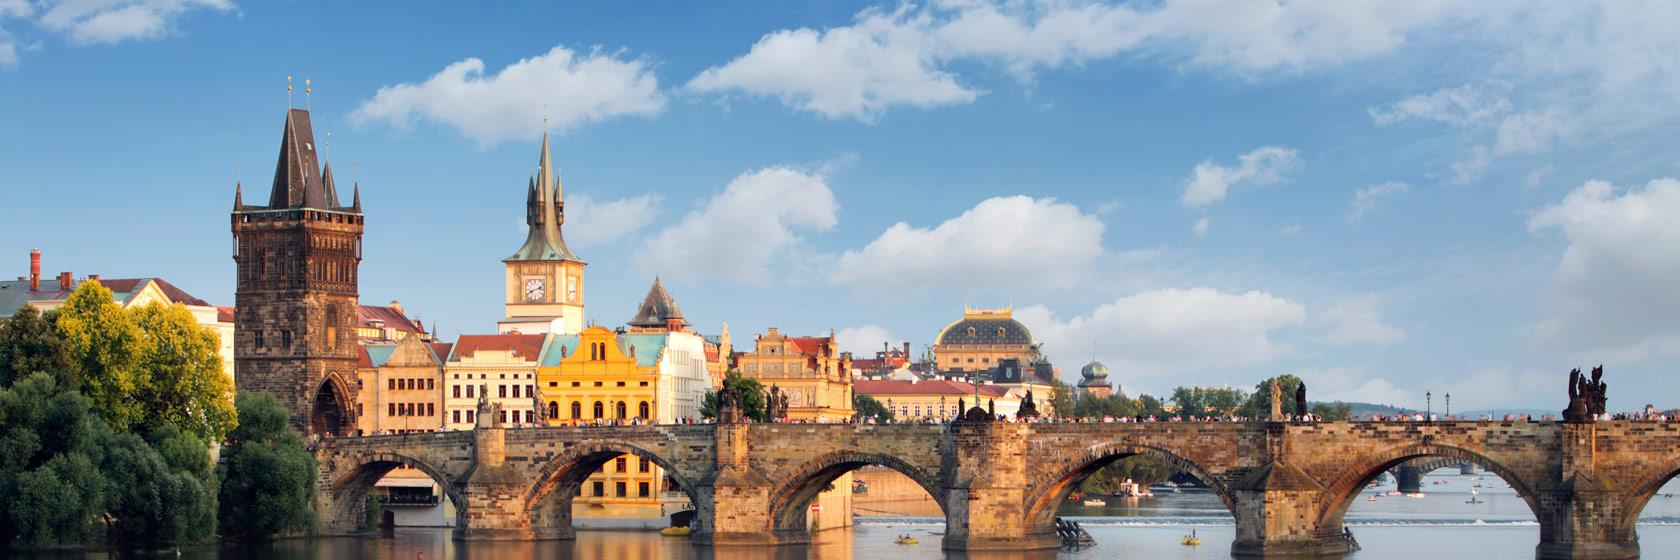 Tjekkiet-Prag